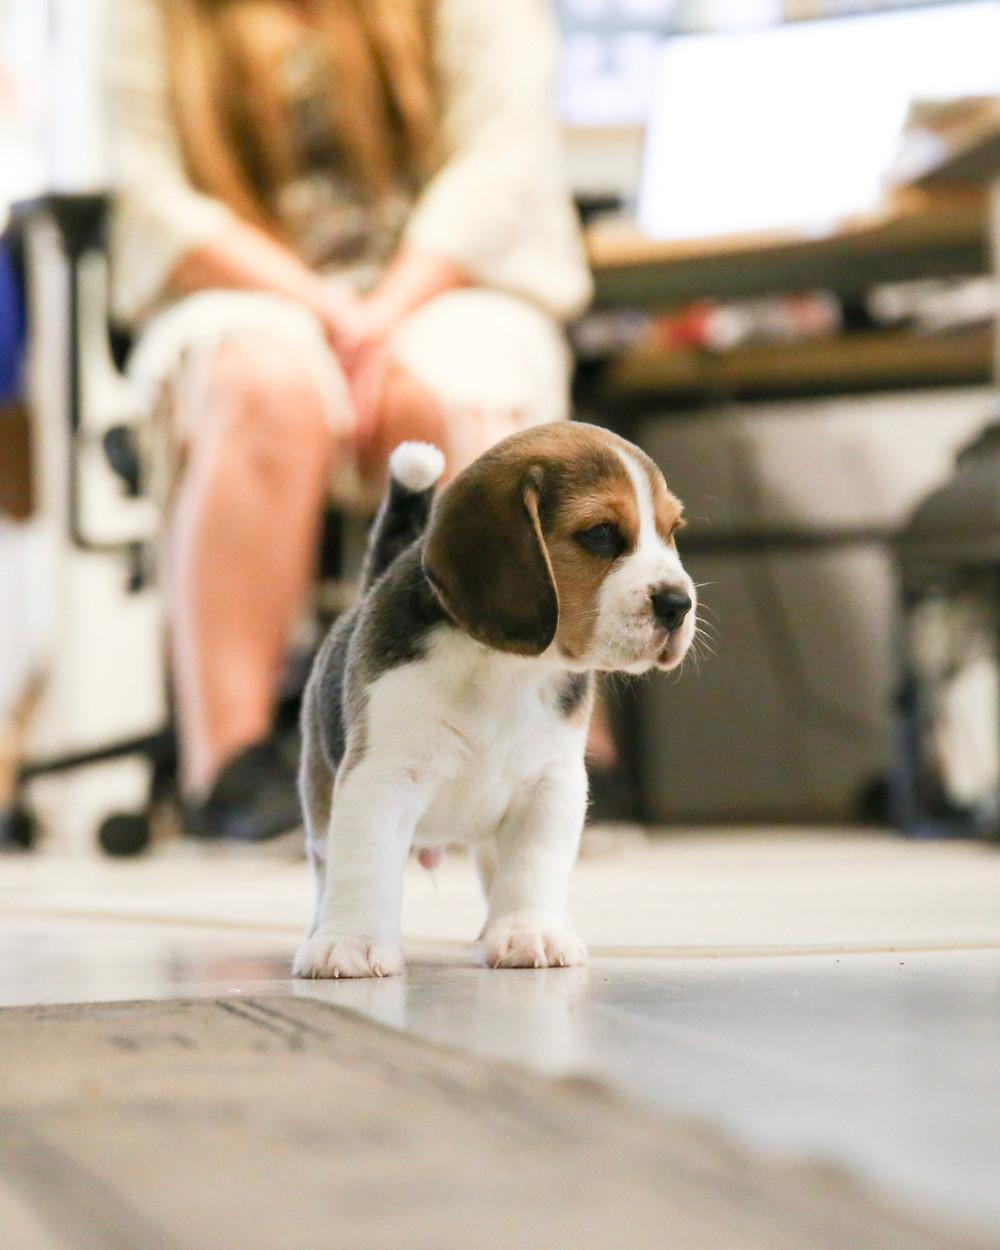 Beaglen pentu, koiranpentu sosiaalistaminen. Koiranpentu toimistossa tutustumassa ihmisiin ja uusiin hajuihin. Koiranpennun totuttaminen ääniin ja ihmisiin.